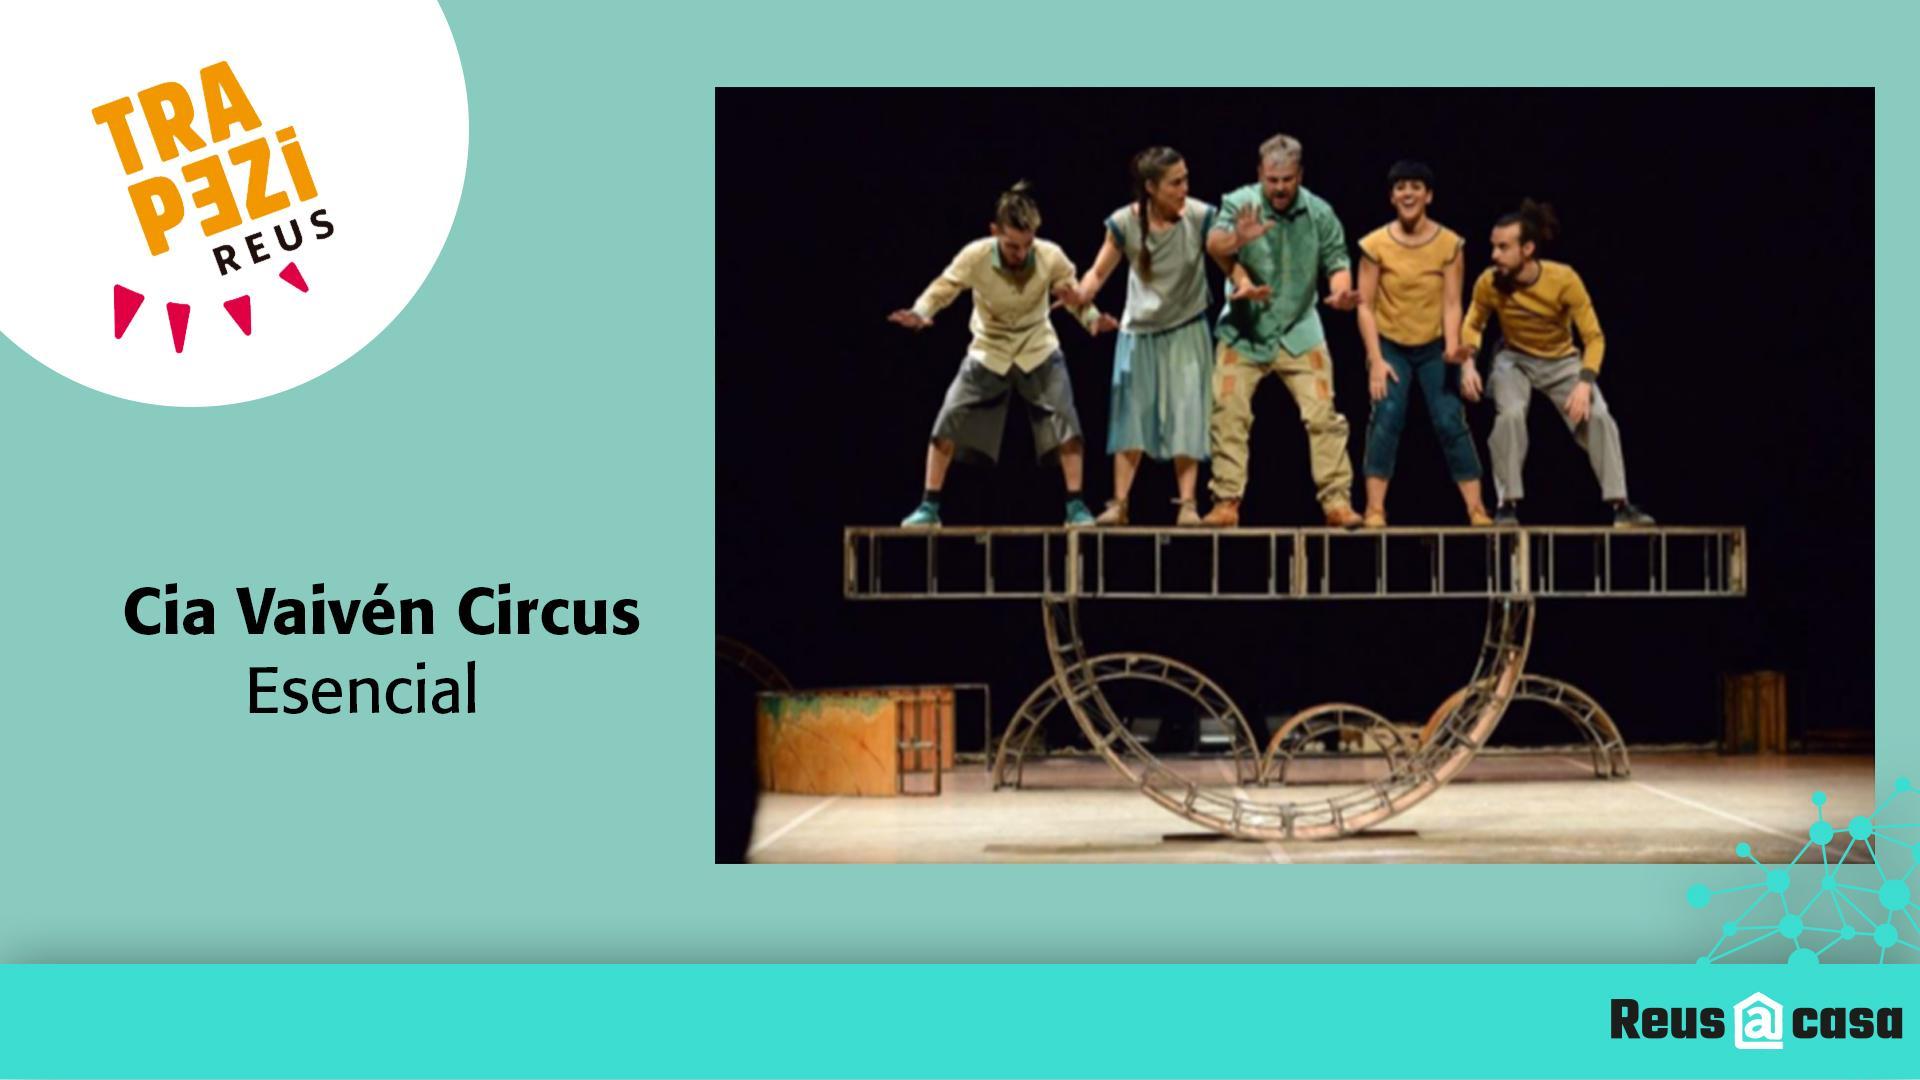 Fira Trapezi Reus: Cia Vaivén Circus – Esencial